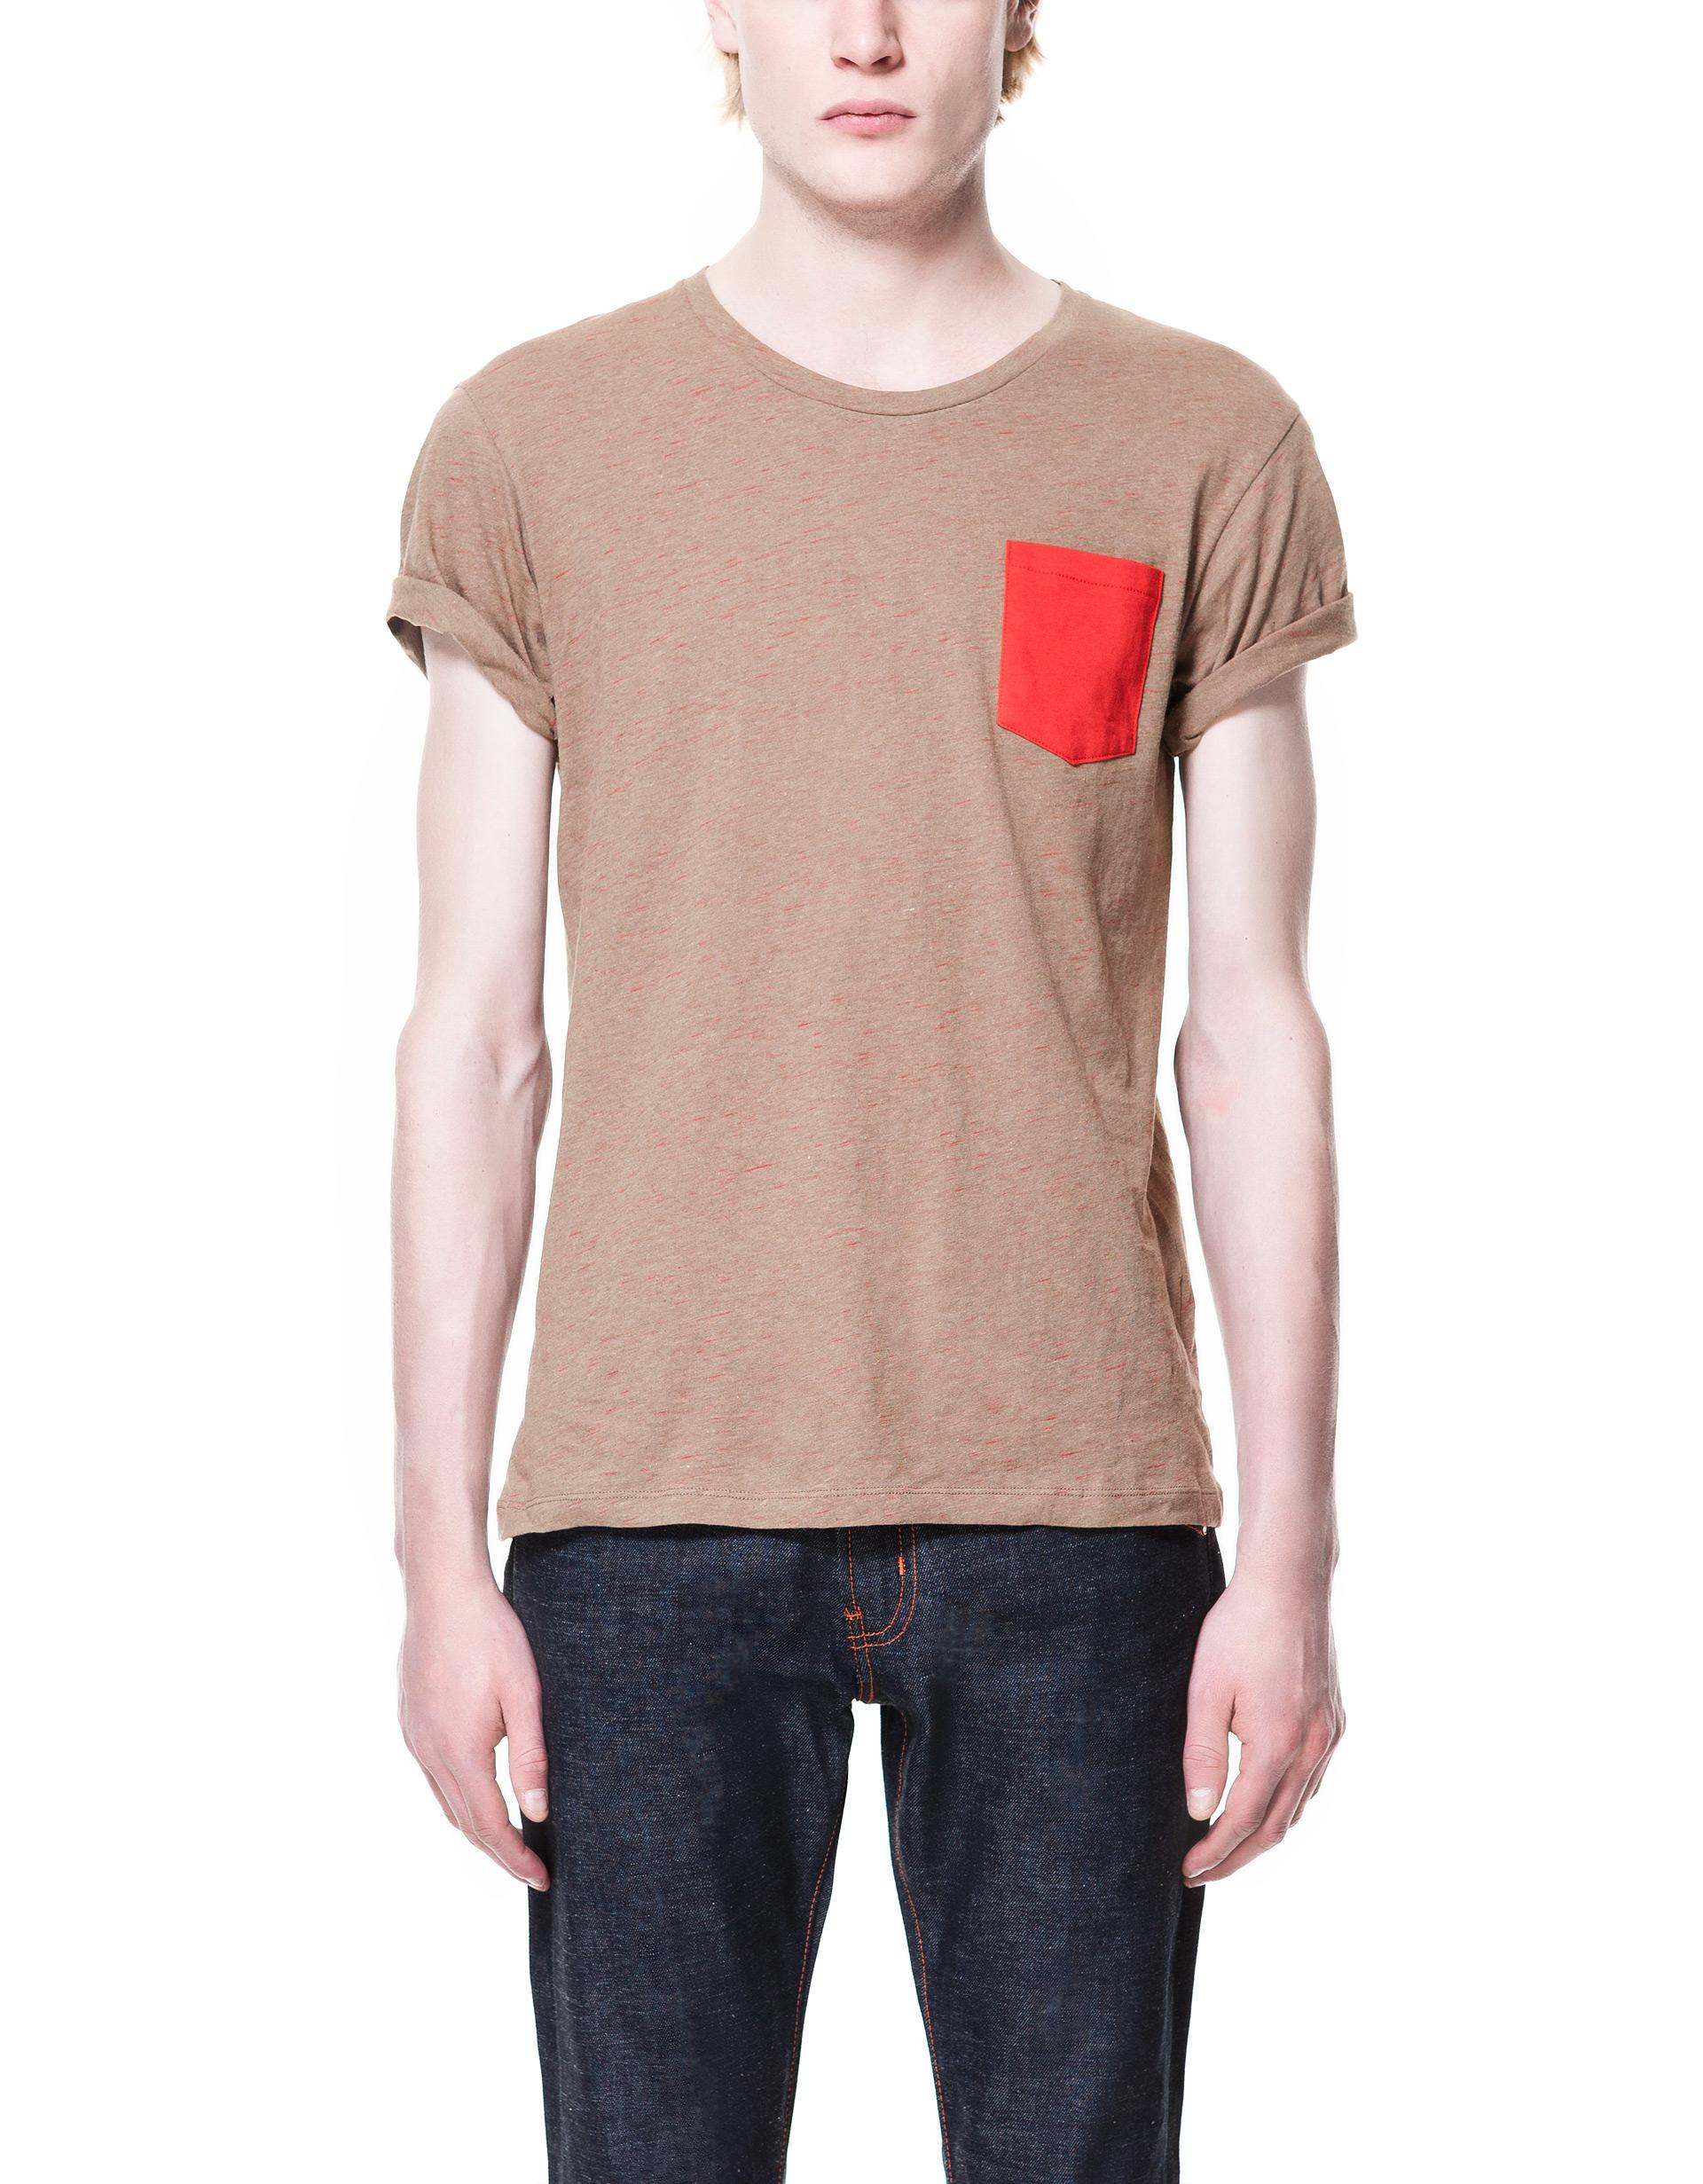 Zara slub knit t shirt in beige lyst for What is a slub shirt